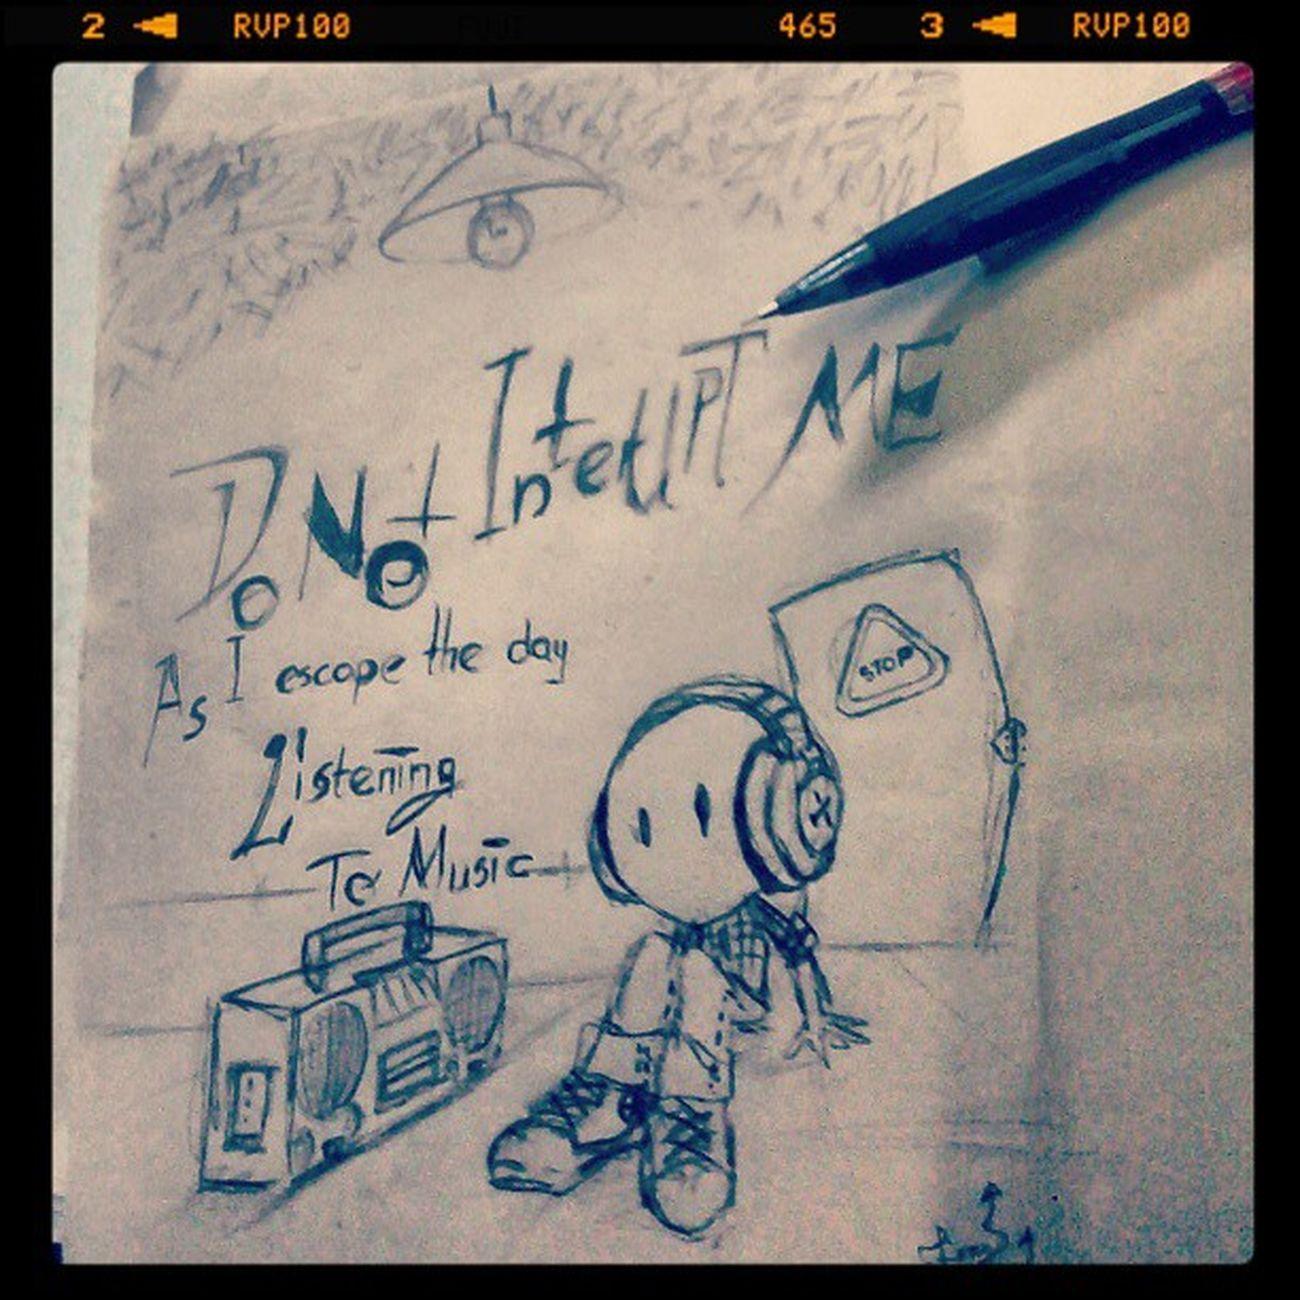 Lecturetime Boring Love Music